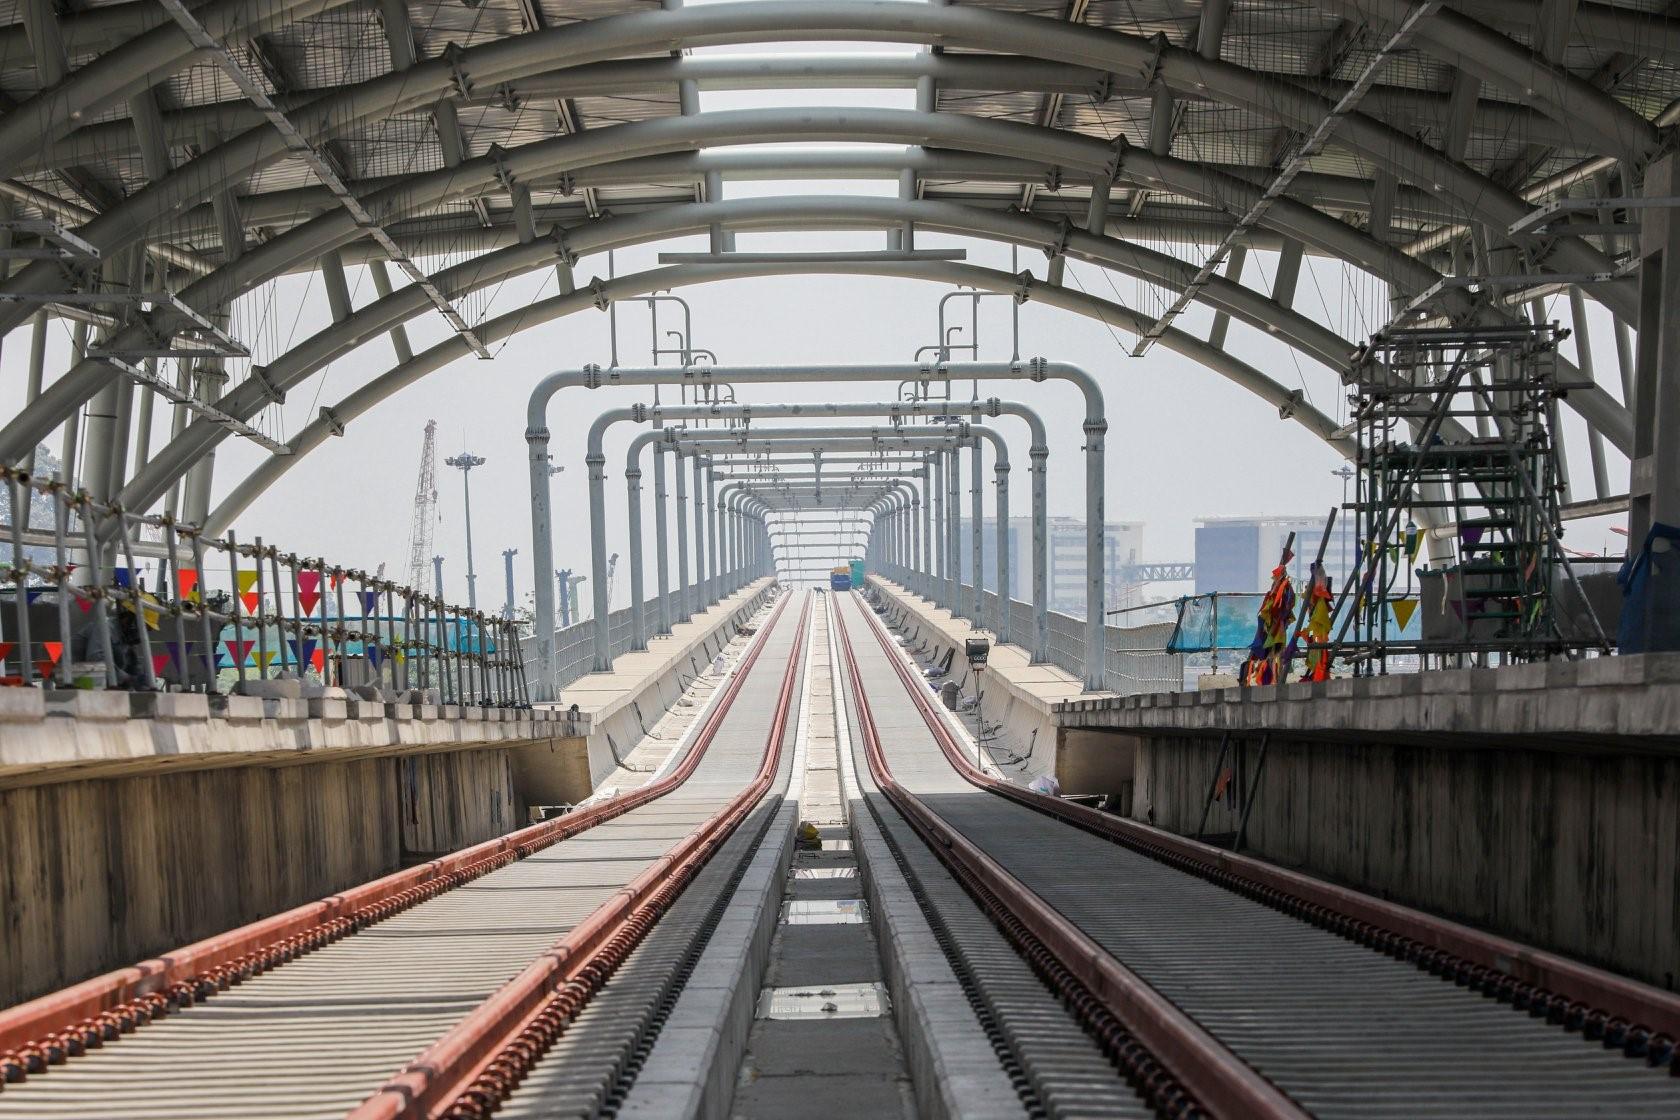 Saigon metro railway